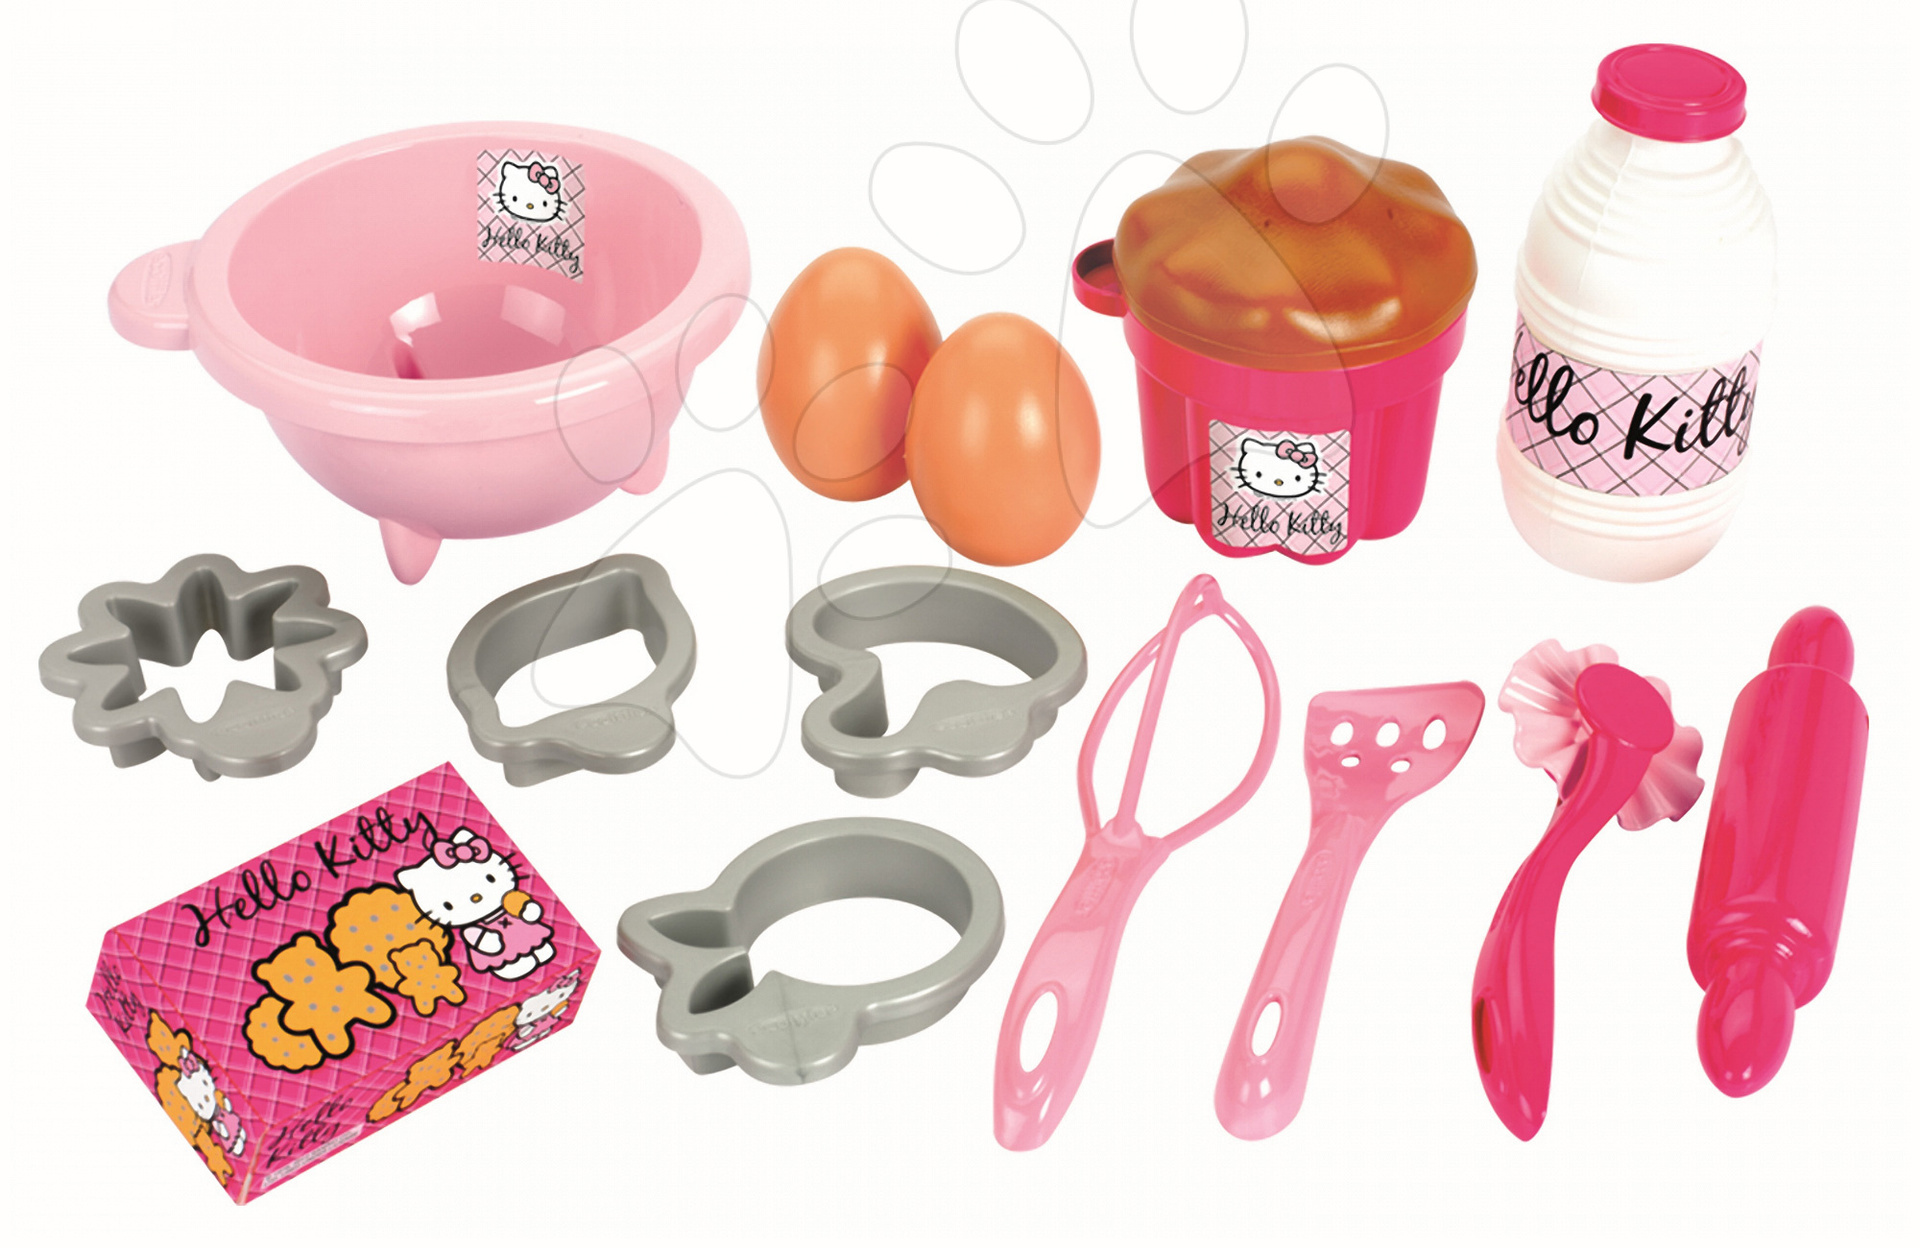 Écoiffier detský cukrárenský set Hello Kitty 2610-1 ružovo-oranžový